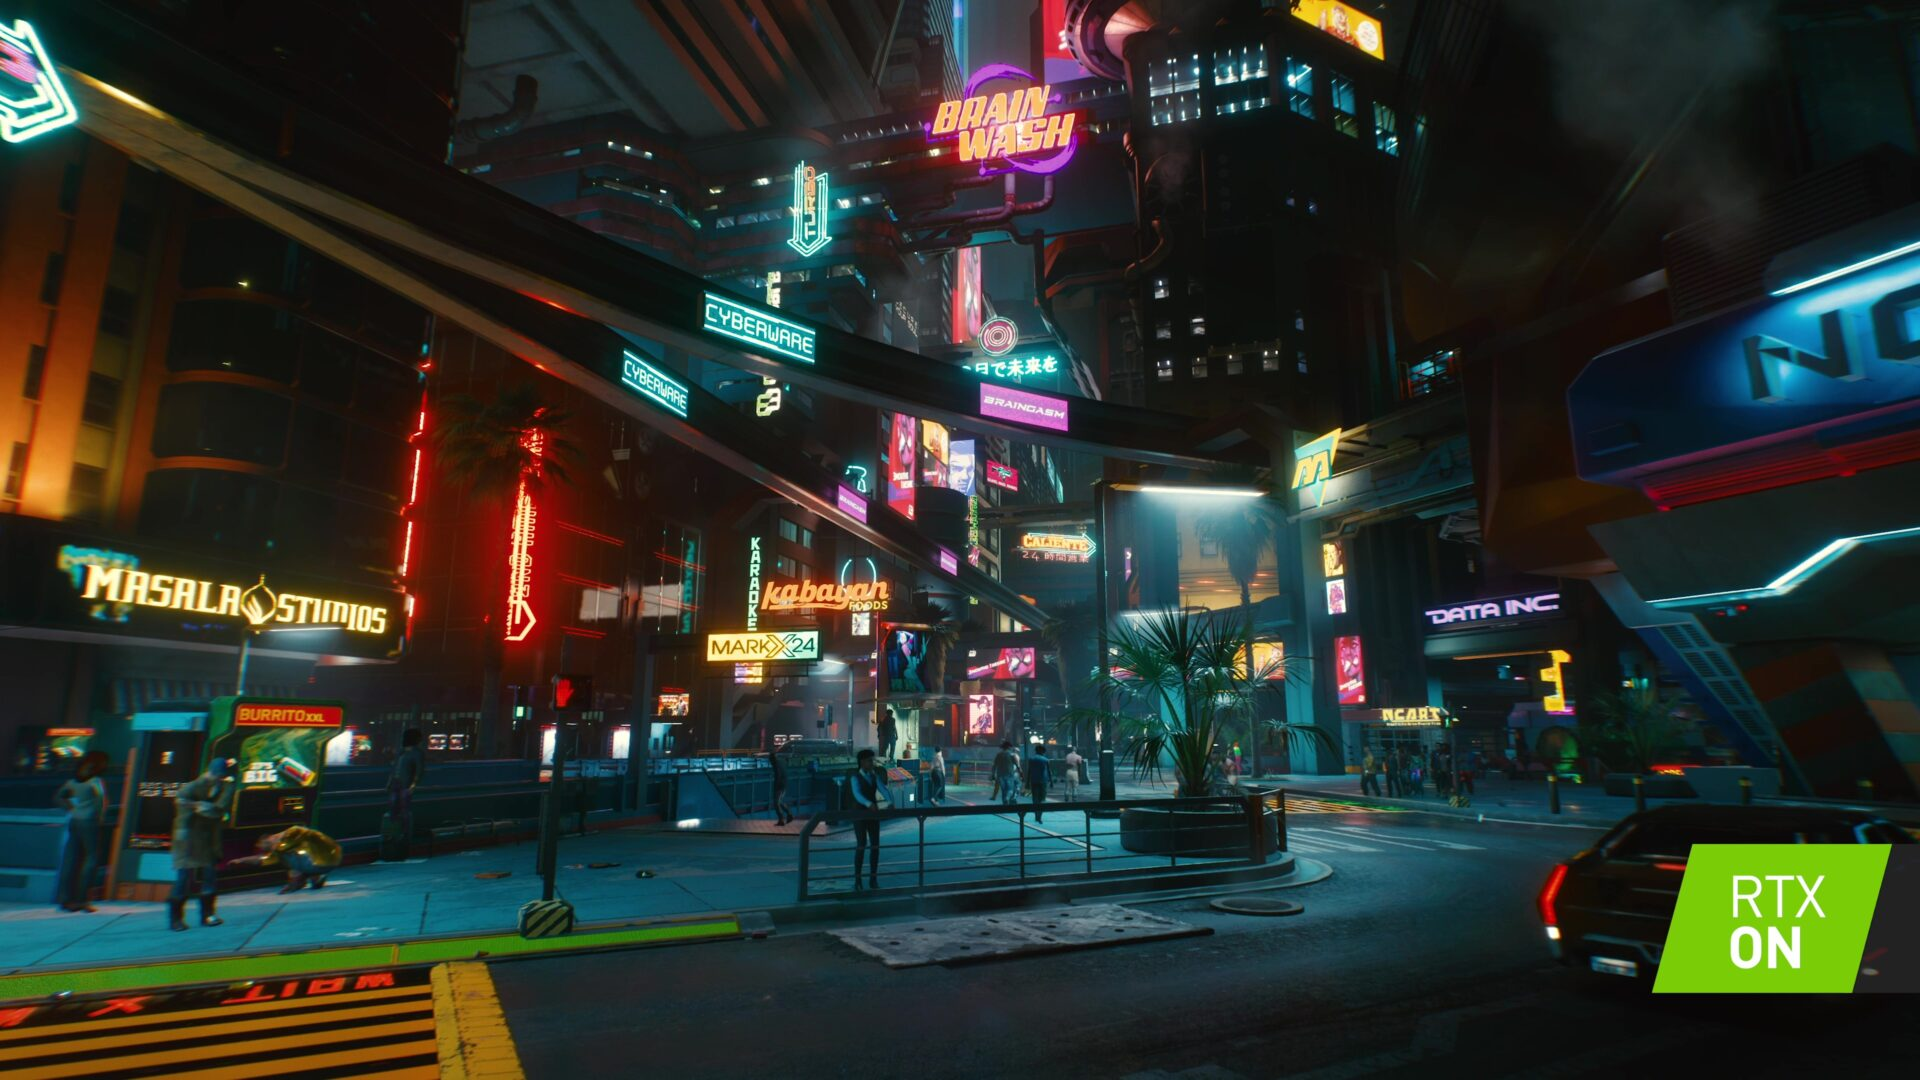 Cyberpunk 2077 NVIDIA RTX 30 DLSS تتبع الأشعة تتبع الضوء